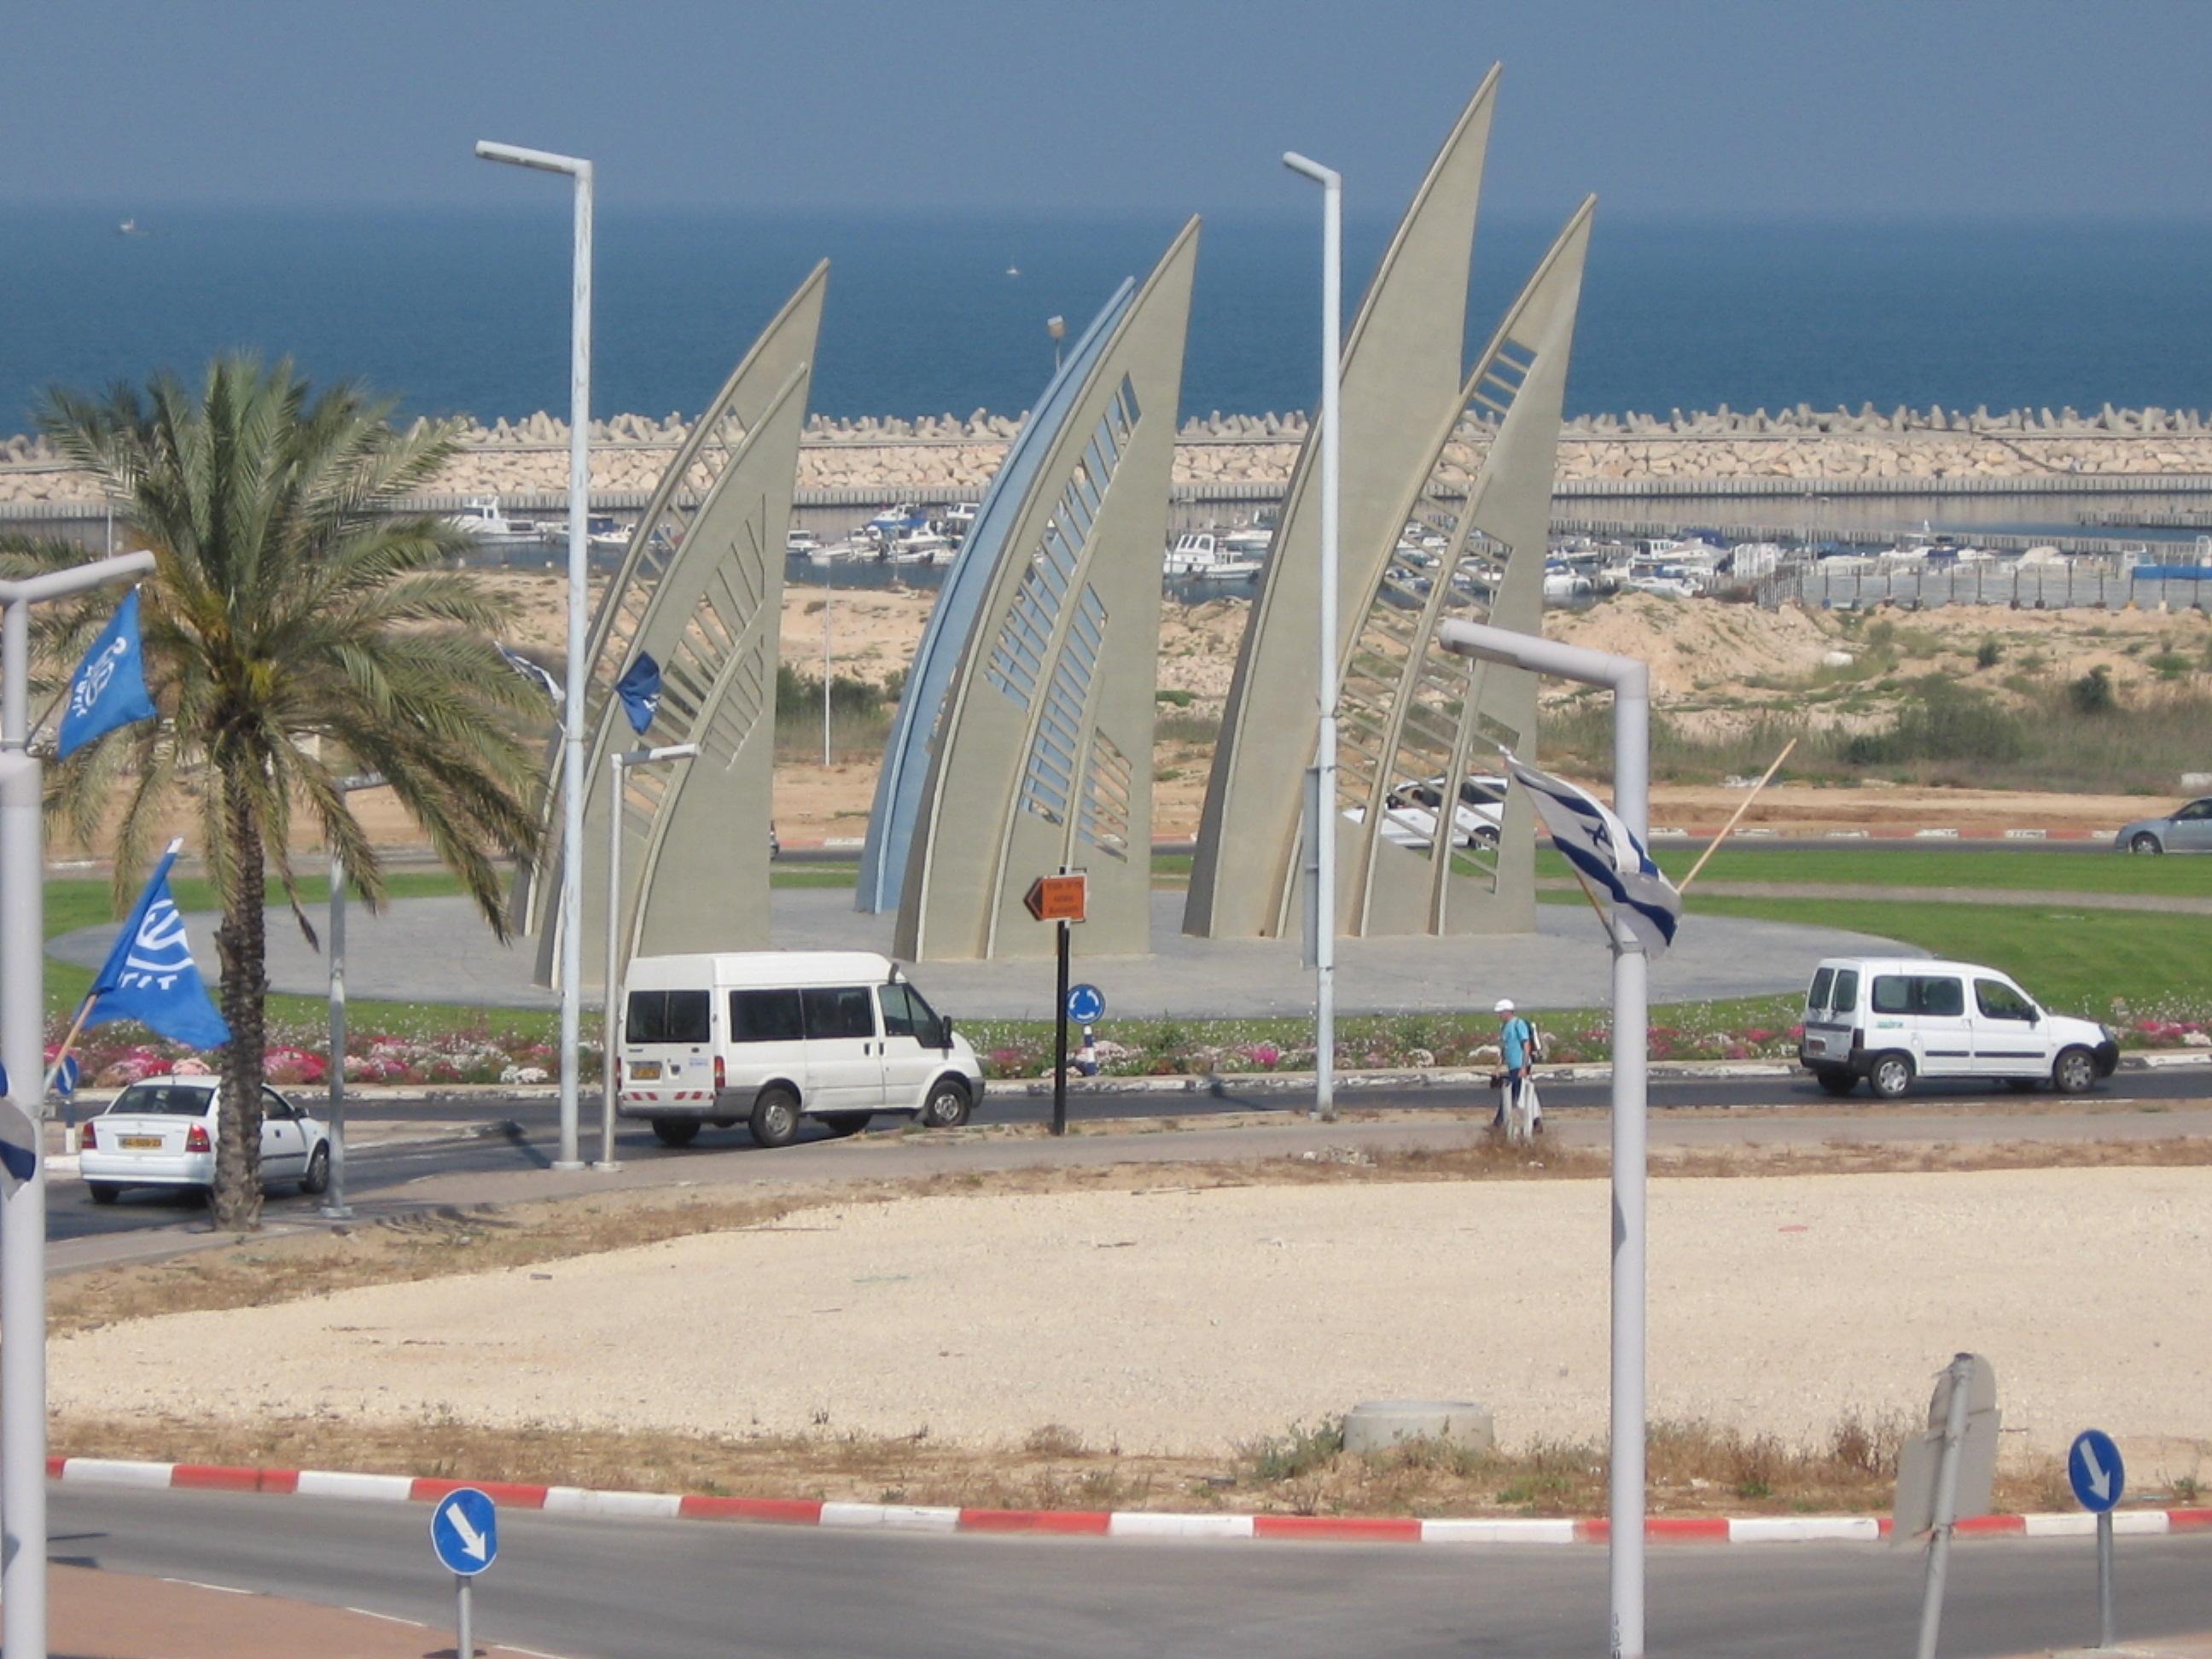 Ashdod Marina: File:Ashdod Sail Square2.JPG